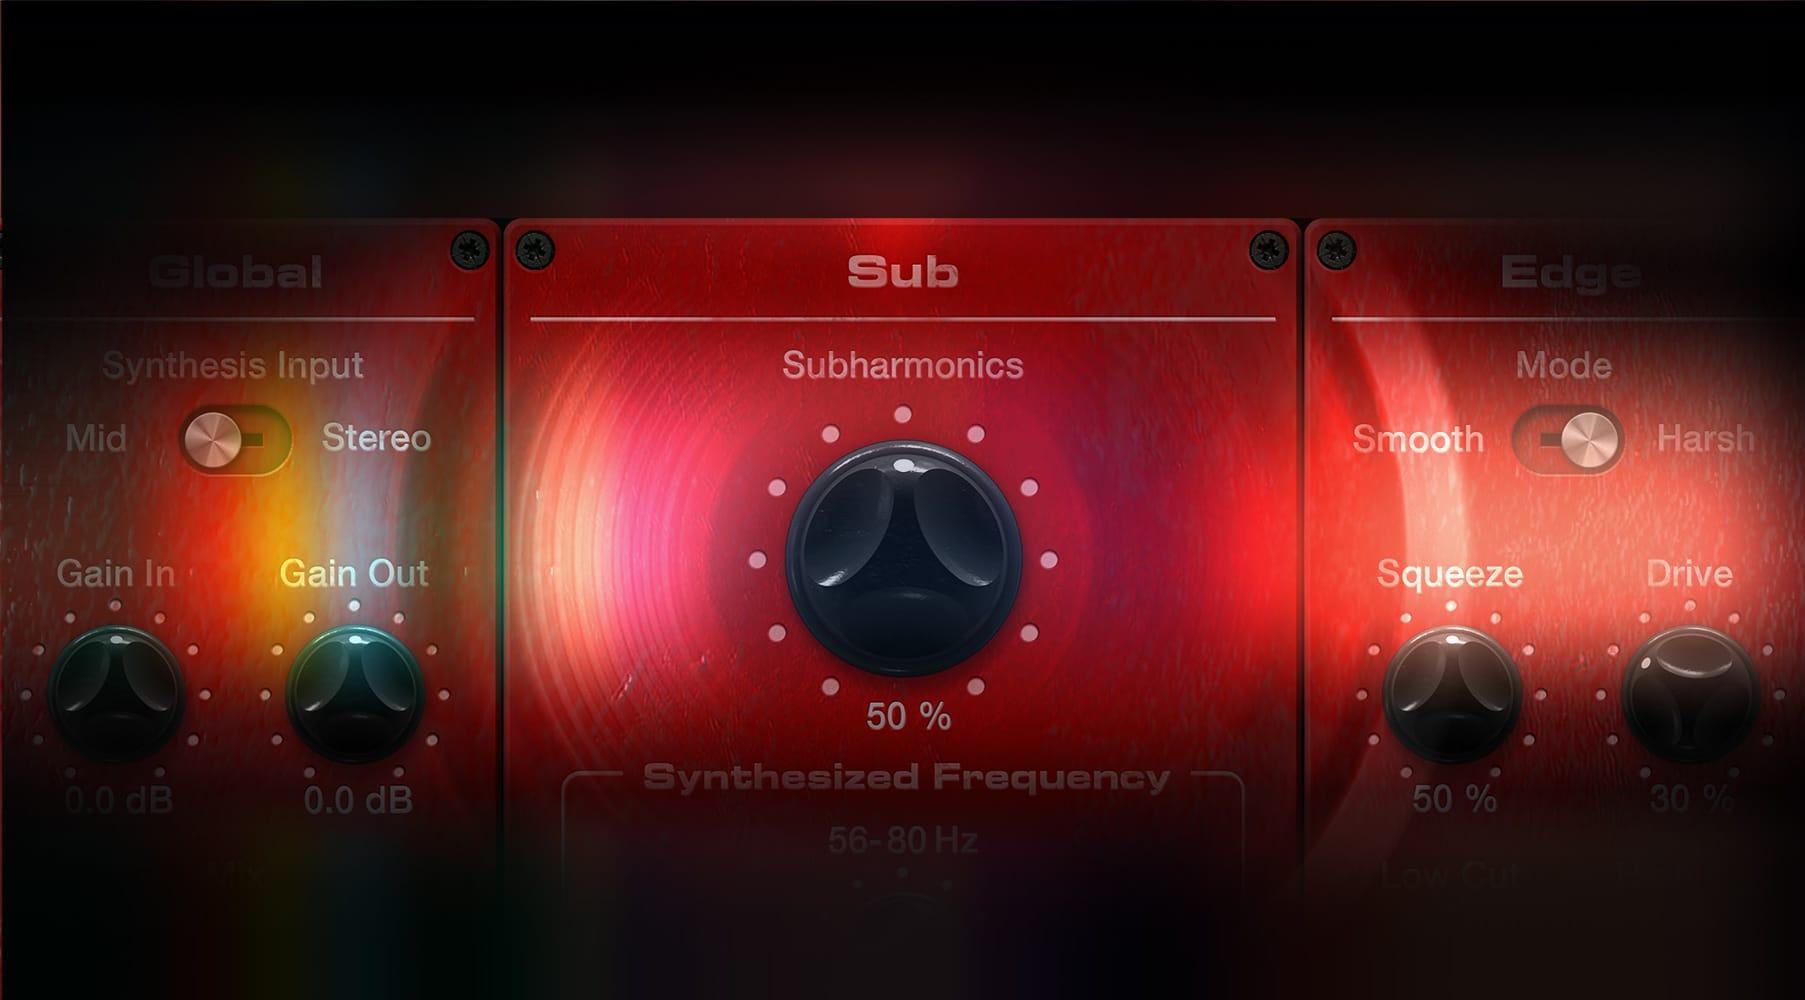 bx_subsynth SubharmonicSynthesizer